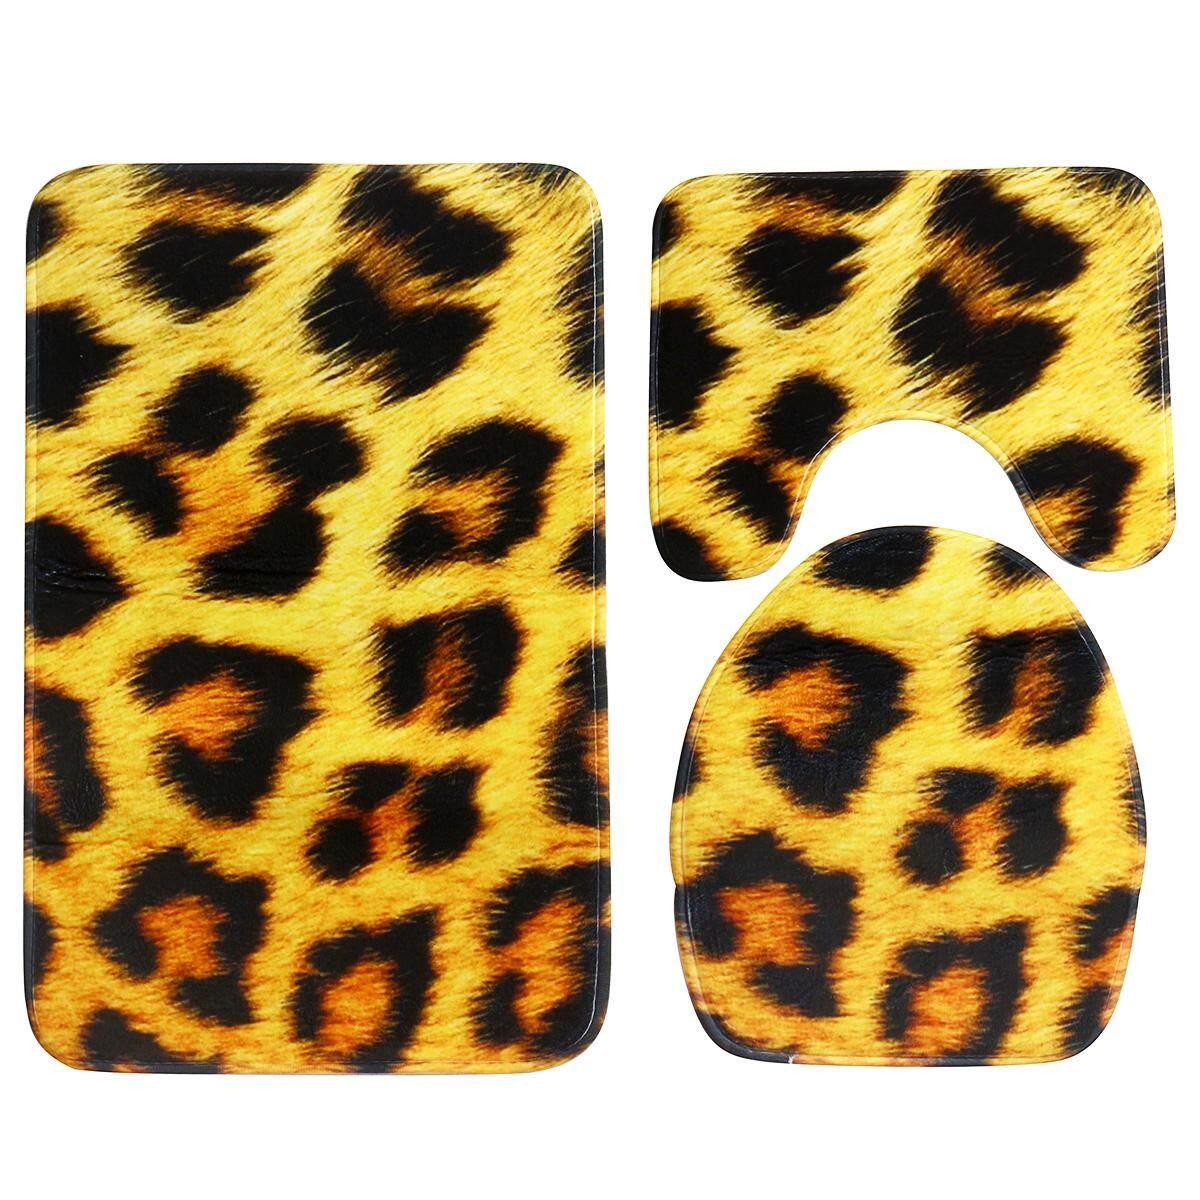 3 Sets dari Hewan Leopard Pola Alas Toilet Karpet Anti-Selip Keset Lantai Di Kamar